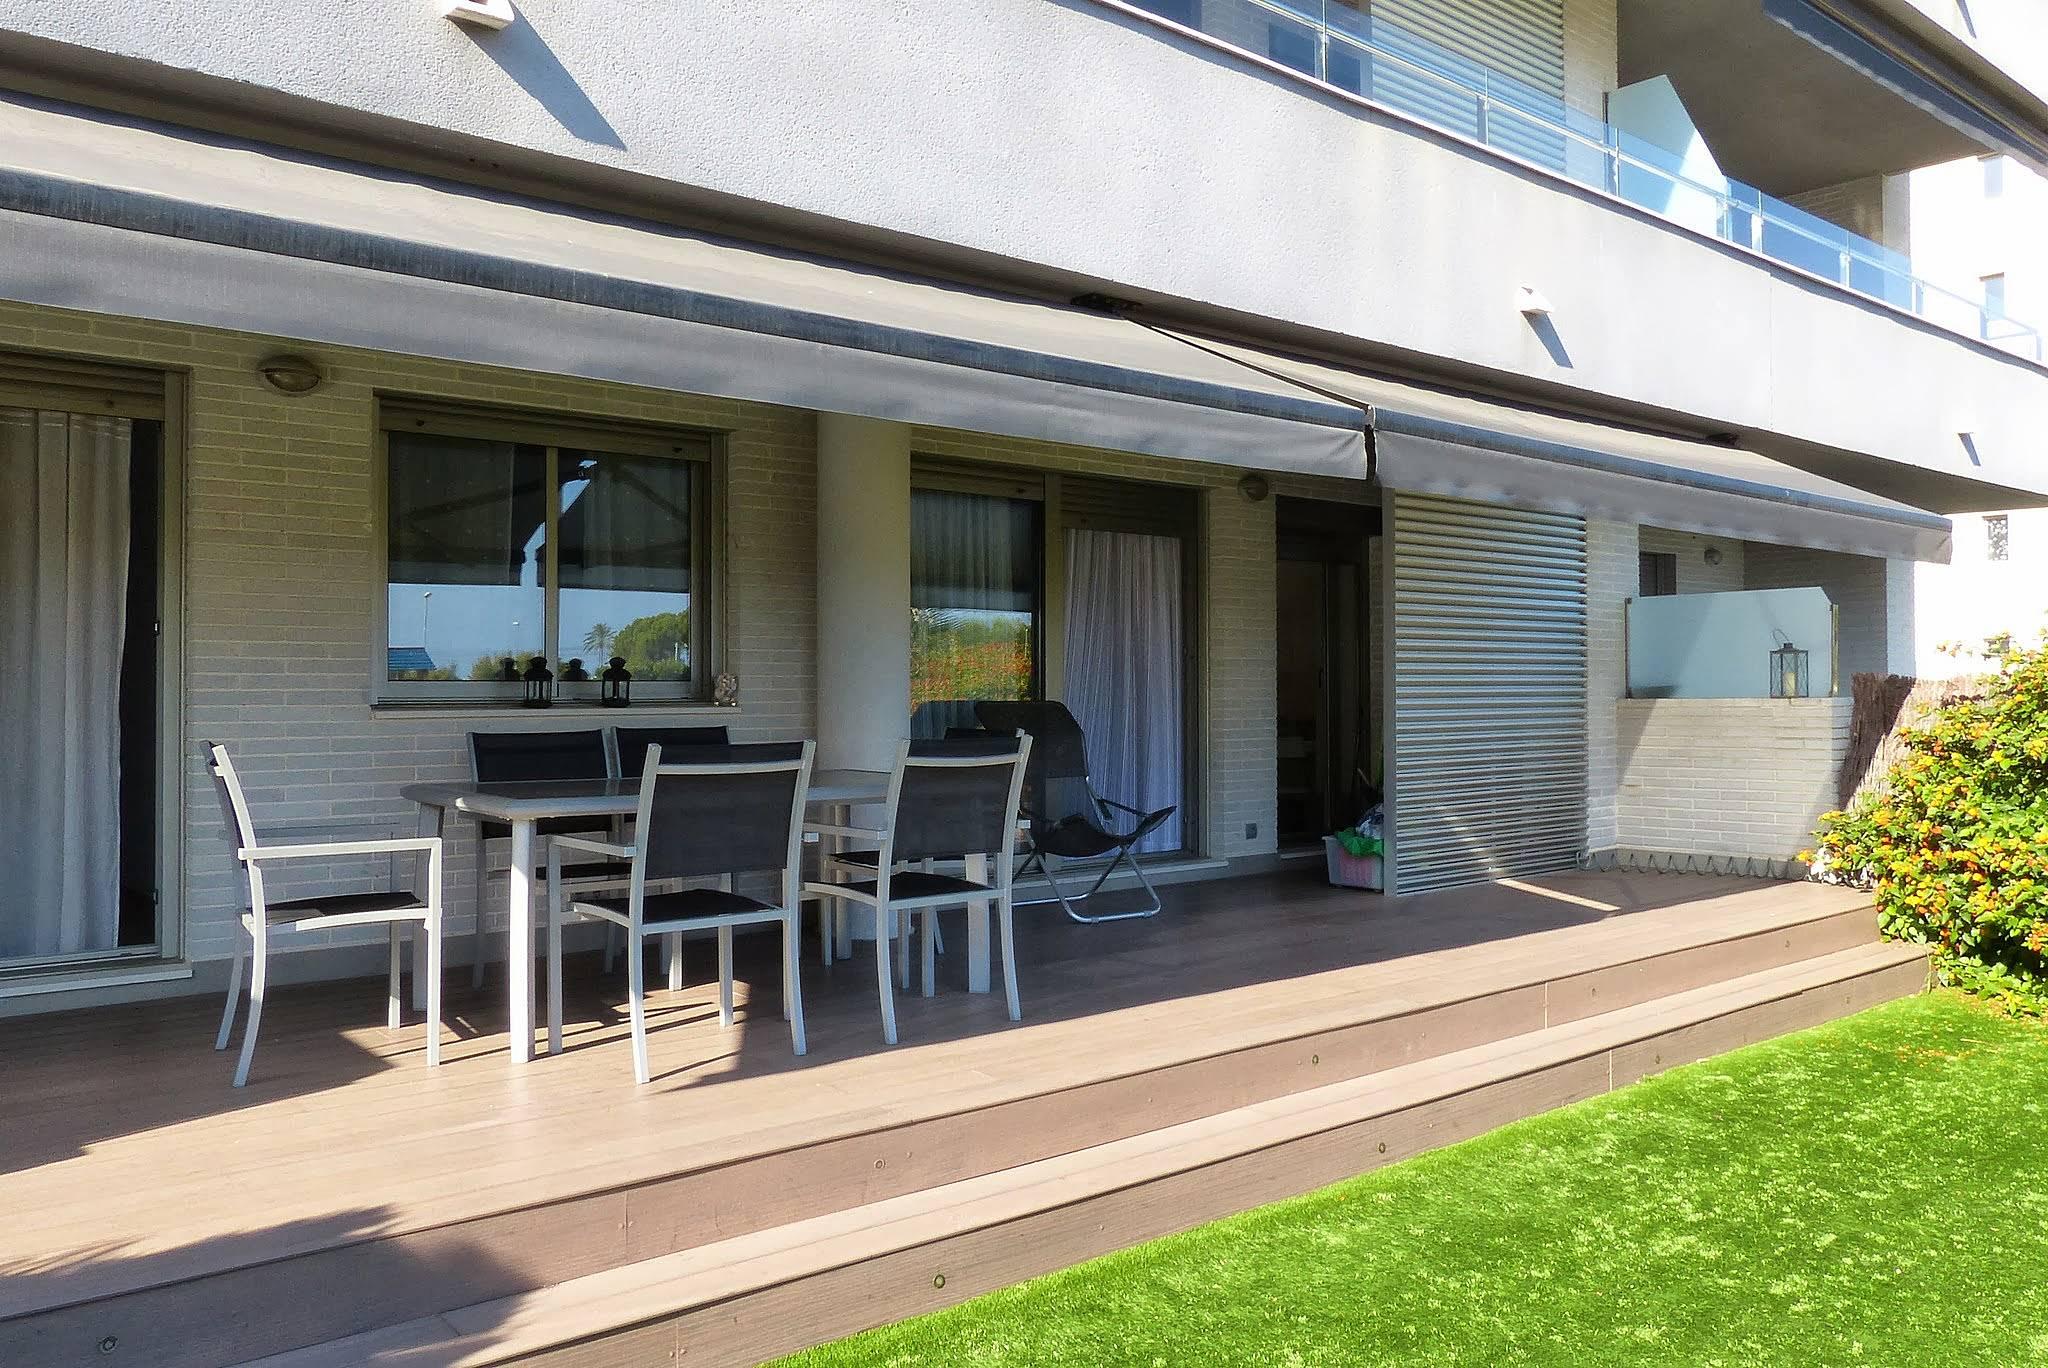 Apartamento en alquiler a 300 m de la playa - Alquiler de pisos en torredembarra ...